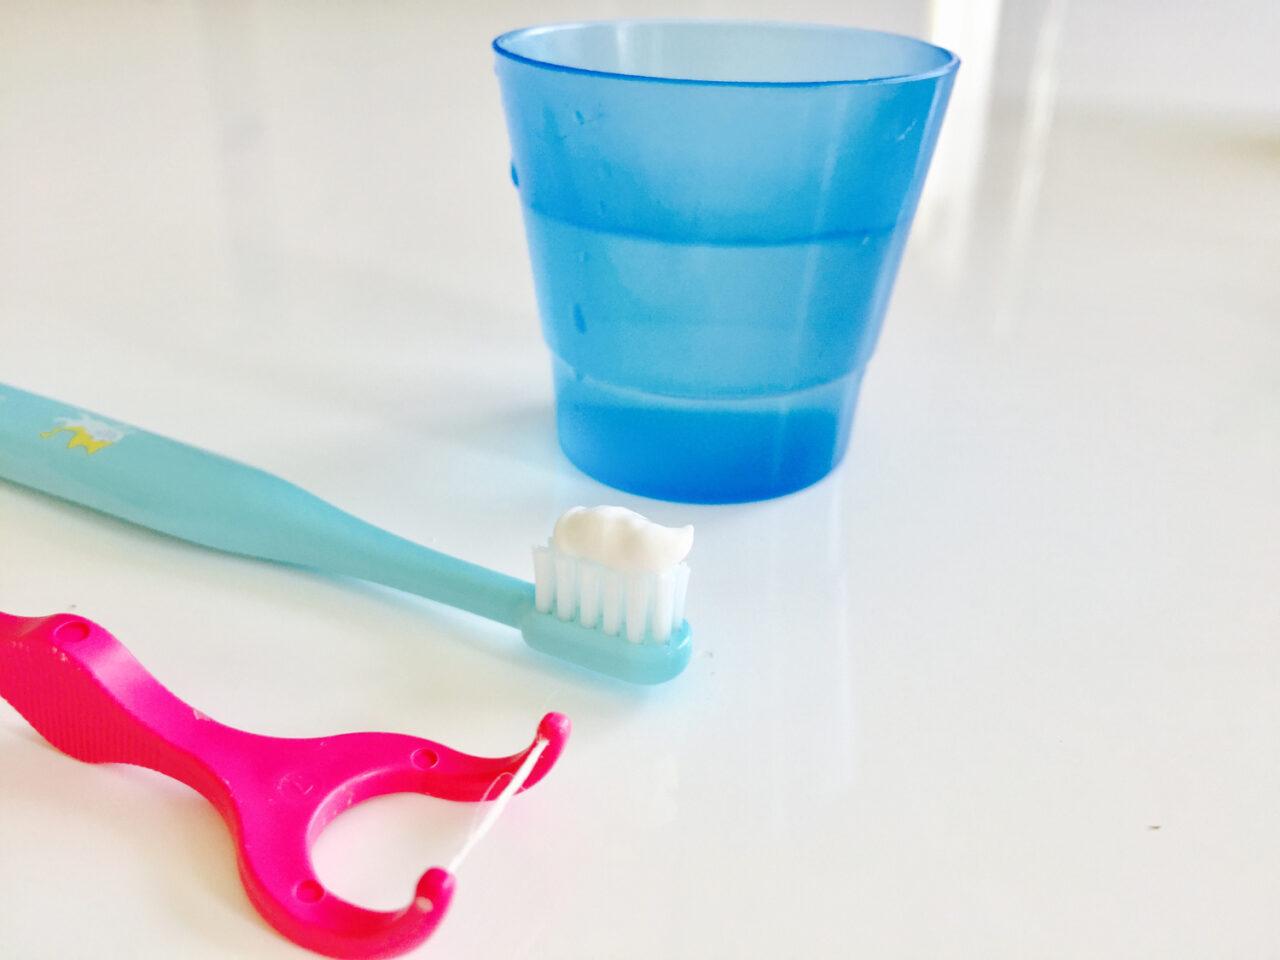 おすすめ歯ブラシをタイプ別にご紹介。白い歯が輝く素敵な笑顔に